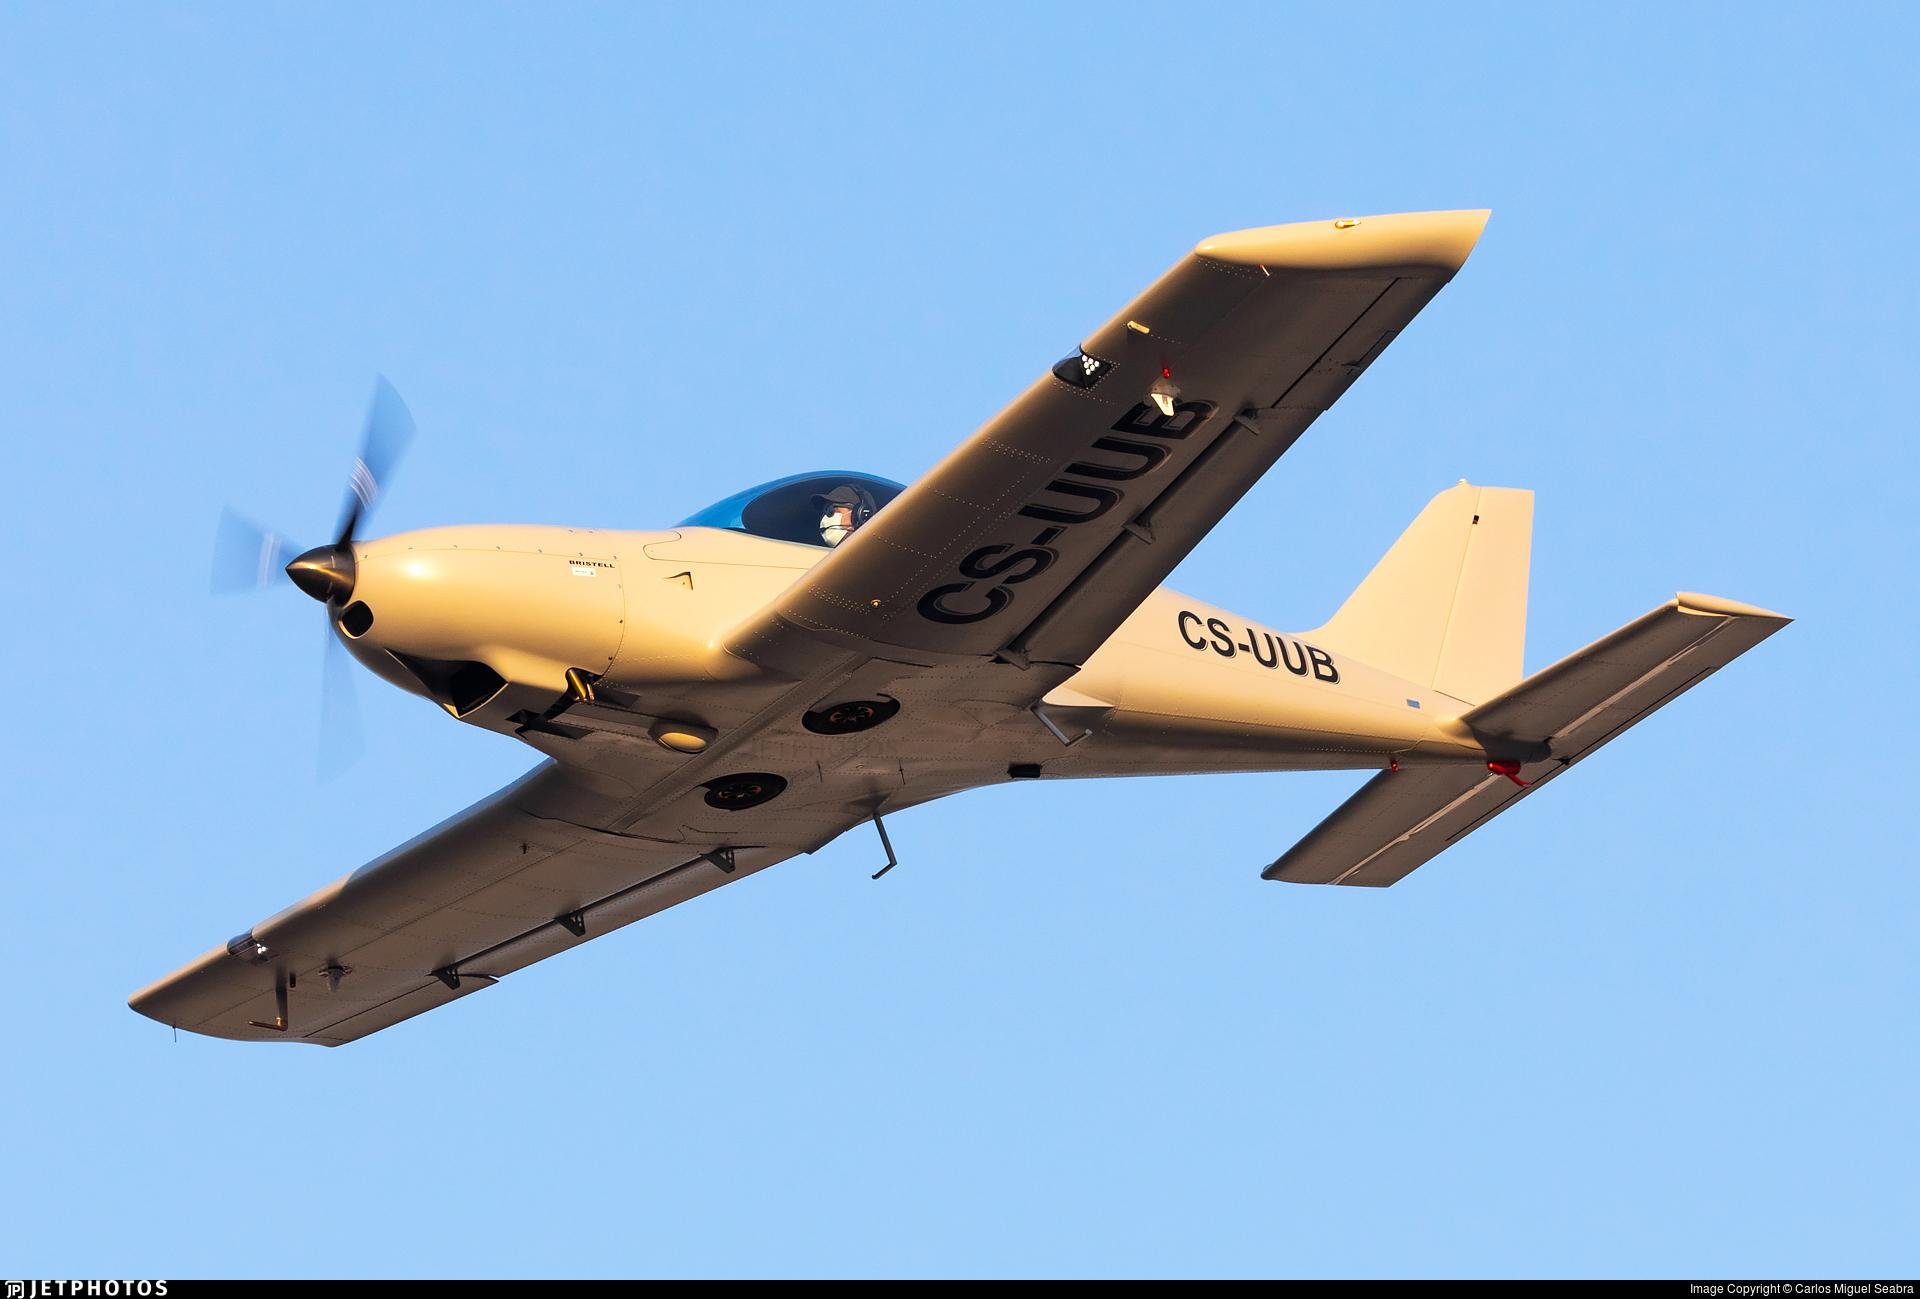 CS-UUB - BRM Aero Bristell NG-5 RG - Private